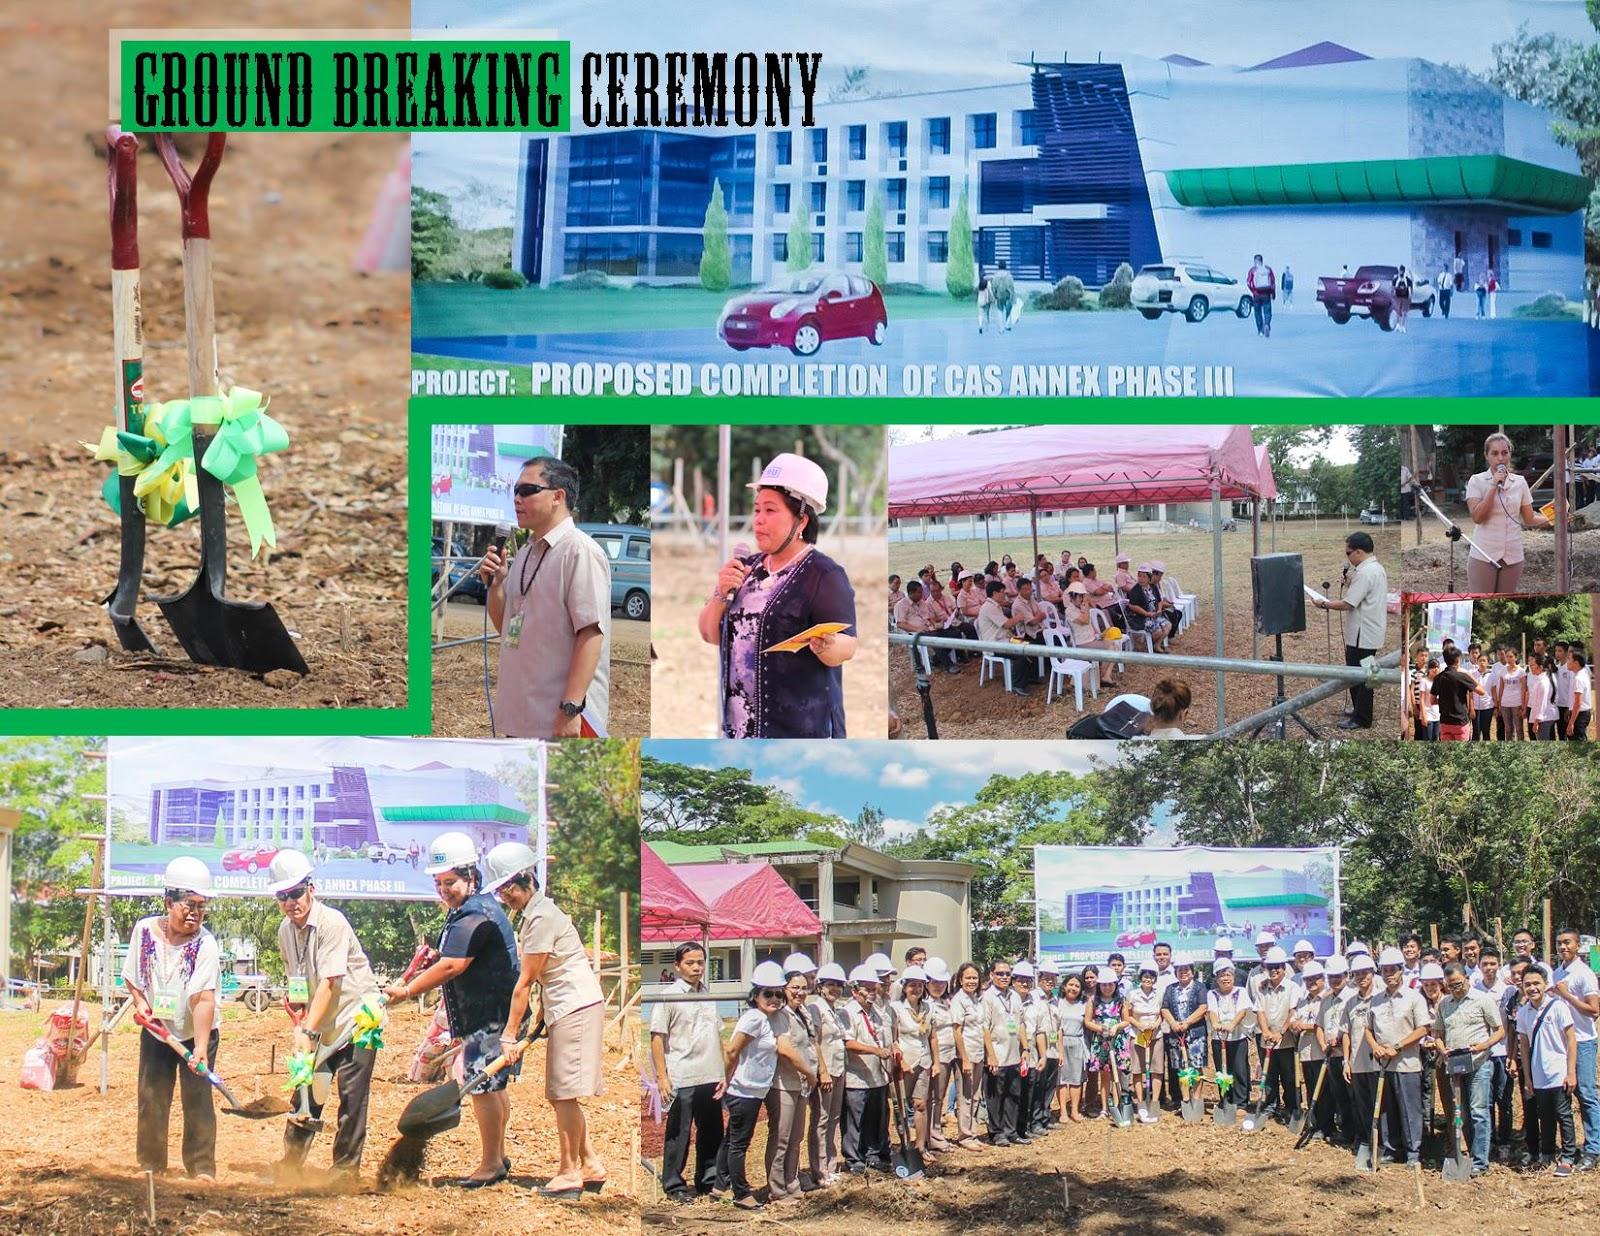 CAS Annex Groundbreaking Ceremony